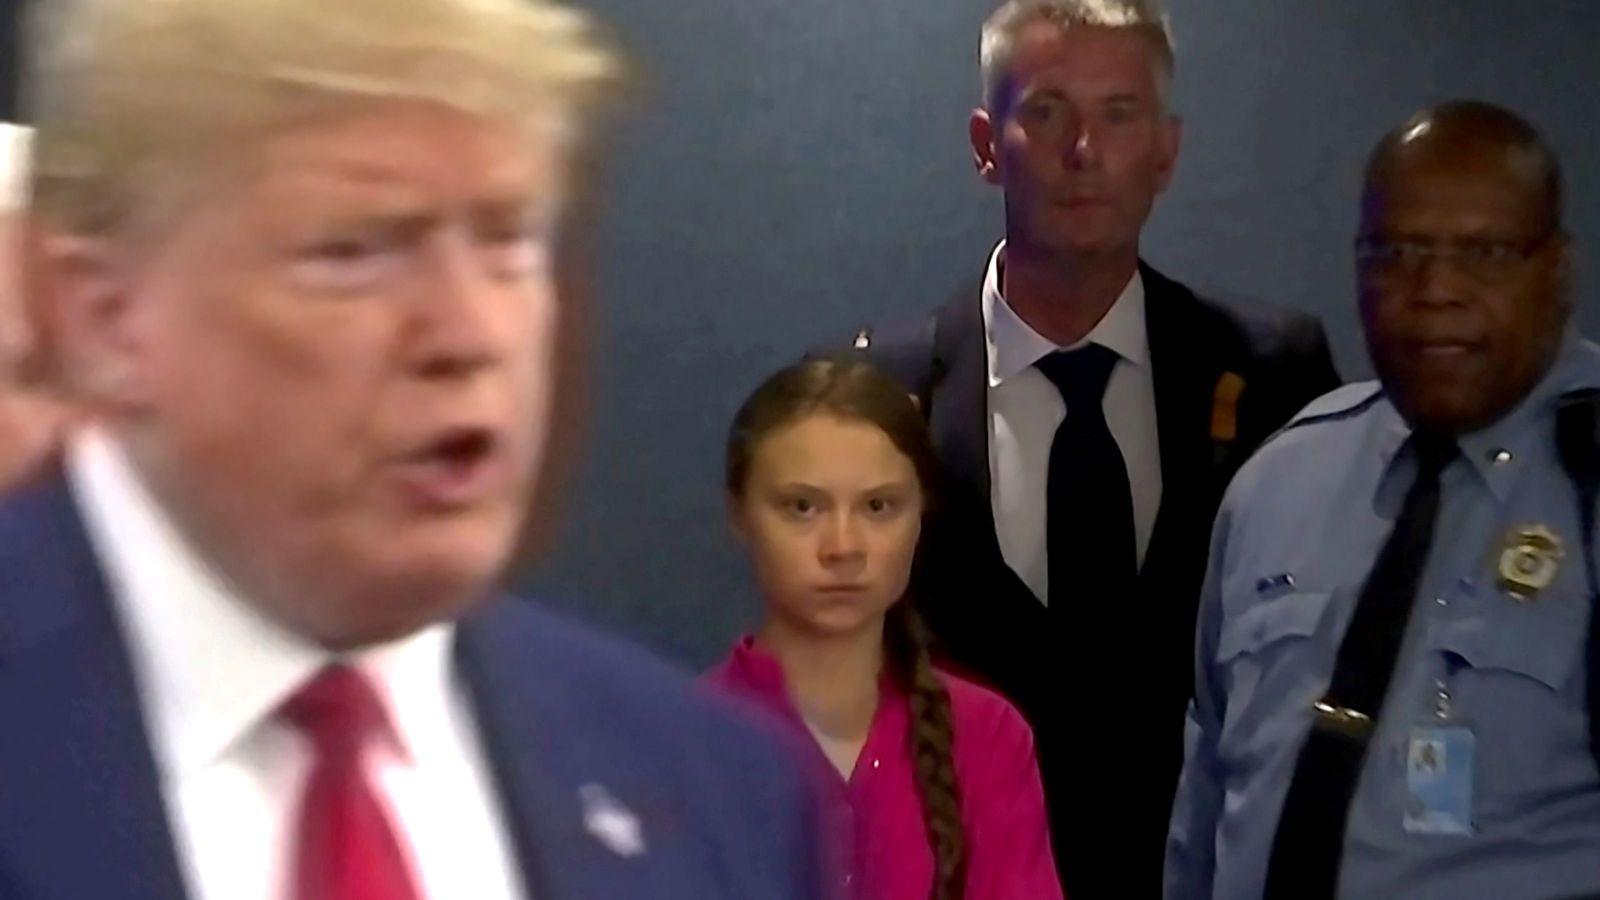 なぜ各国の代表は16歳の少女に圧倒されたのか 「私たちはあなたたちを見ている」